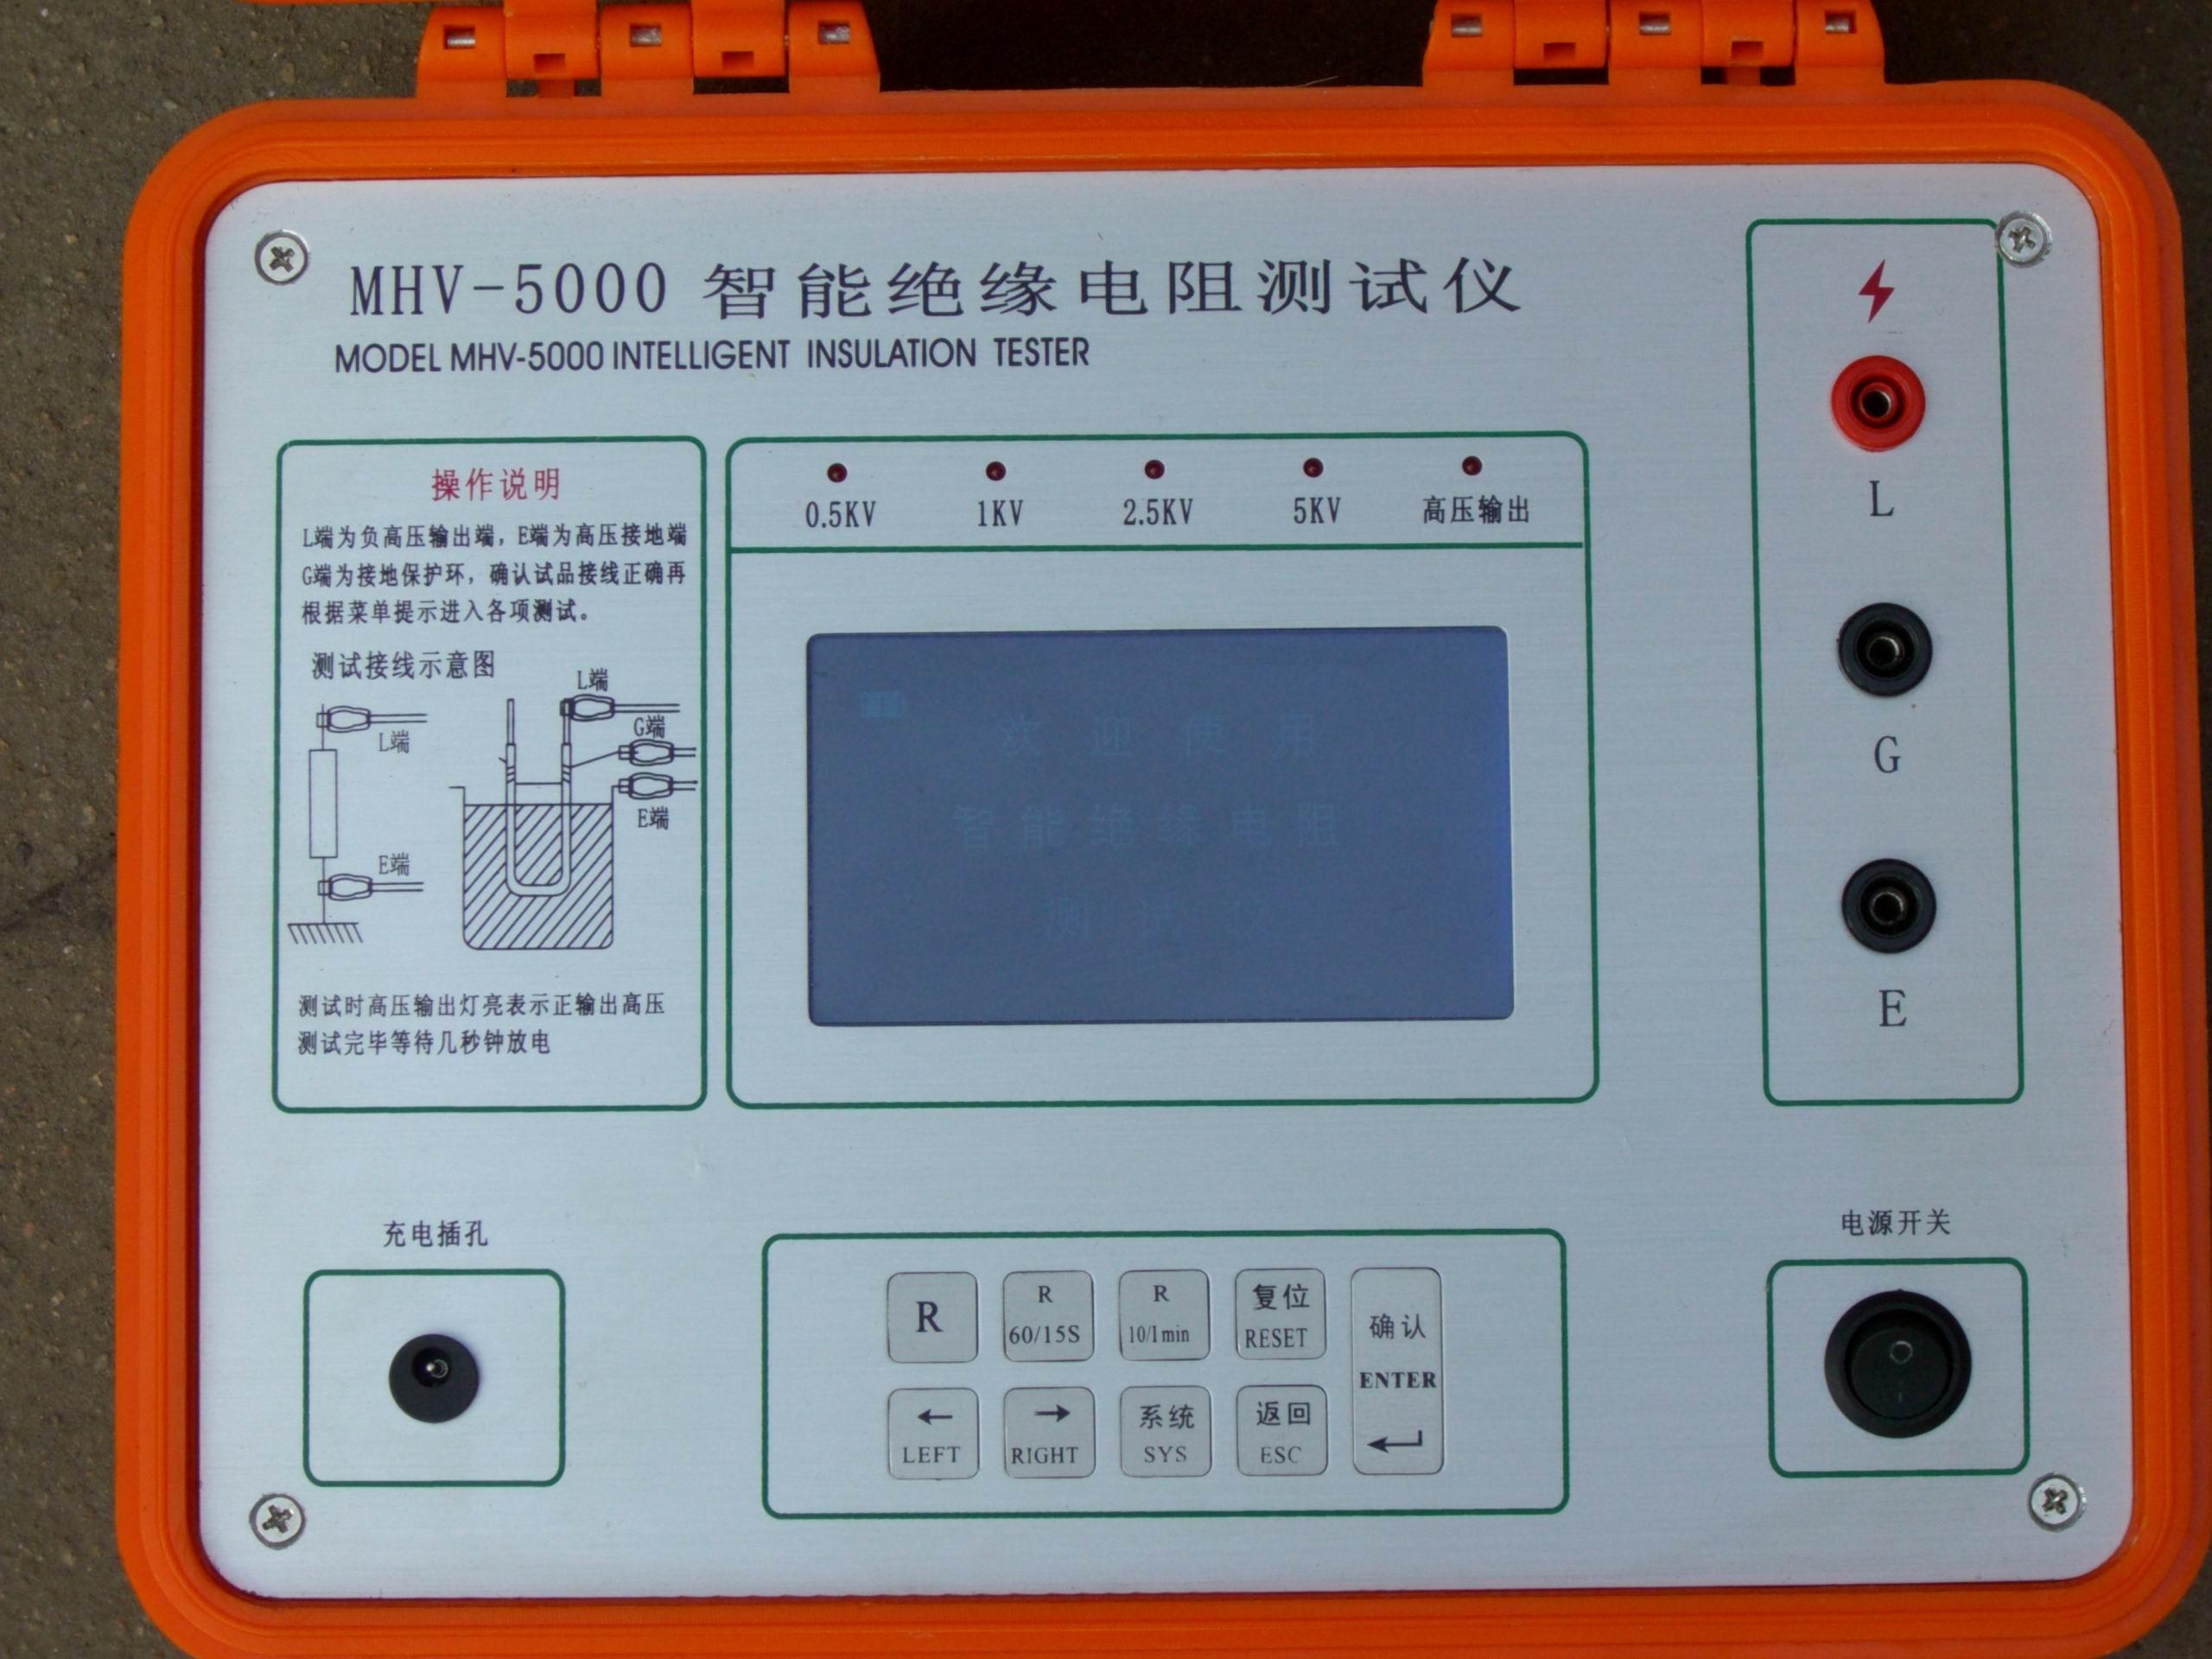 主要特点: >仪器输出稳定的直流2500V/5000V,使用简单、携带方便。 >智能绝缘电阻测试仪绝缘电阻测试仪计时准确。具有实时时钟控制,可显示日历及当前测试时间并保存历史测试数据,分别测试15S和60S,10m绝缘电阻值准确自动计算吸收比和极化指数。 >智能绝缘电阻测试仪绝缘电阻测试仪容量大(短路电流大)。吸收电流和充电电流迅速快,准确试验大容性负载测得可靠的绝缘电阻值。抗干扰能力强。完善的安全措施。 测量结束后自动停止高压输出。 >大屏幕液晶显示,人机界面良好。 主要技术